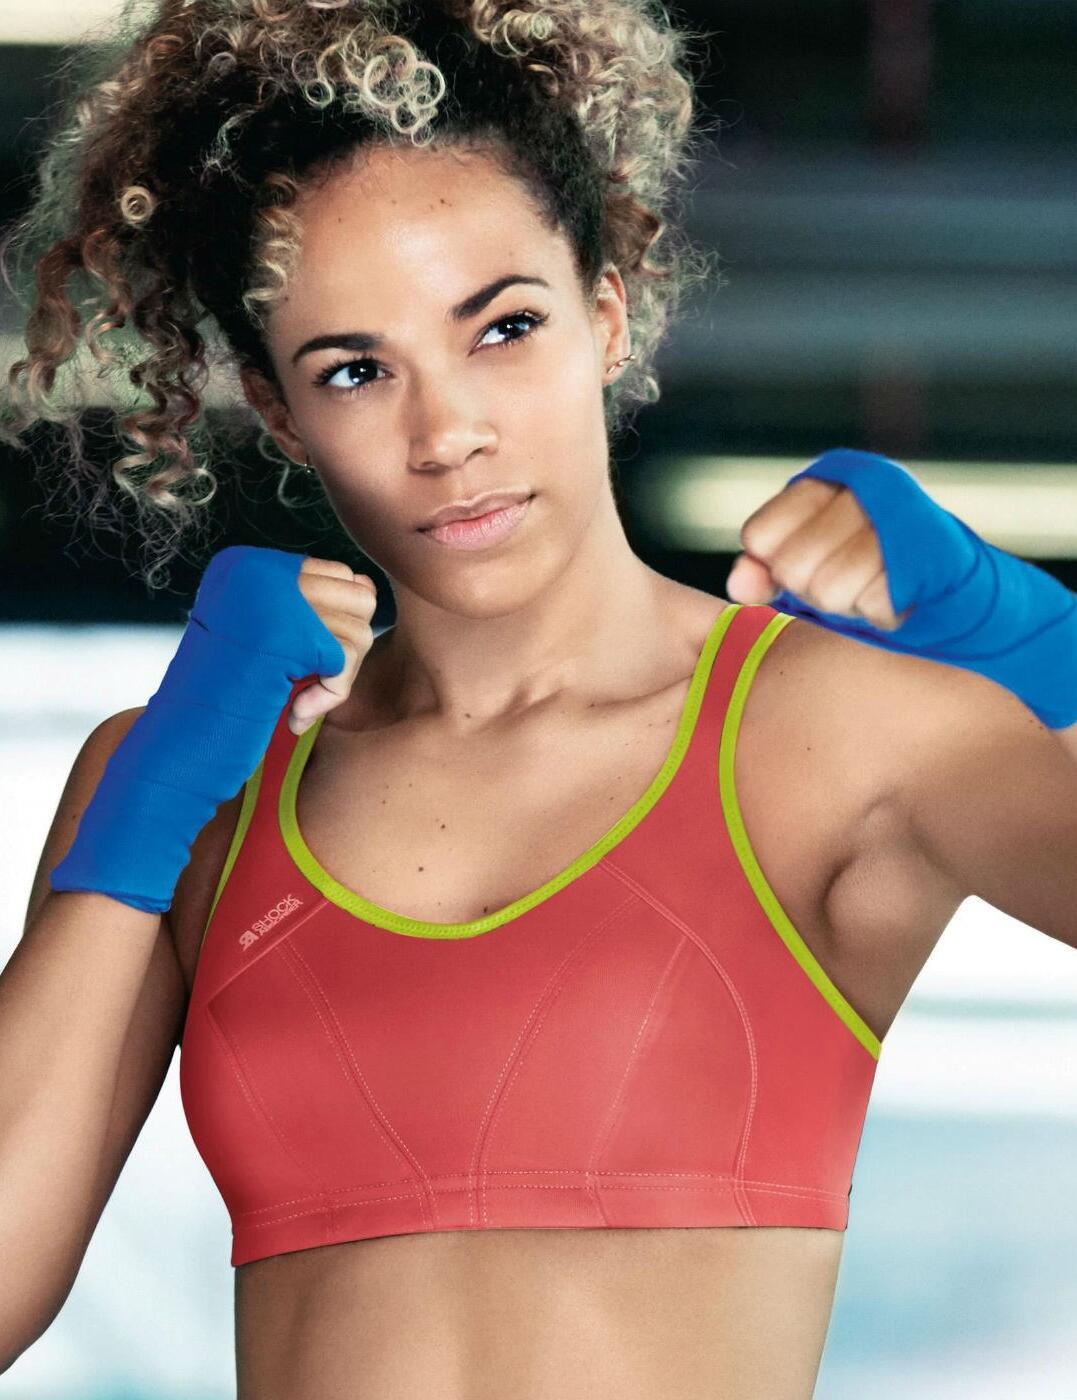 Amortisseur-High-Impact-Soutien-gorge-de-Sport-S4490-sans-armature-Gym-Entrainement-Course-Soutien